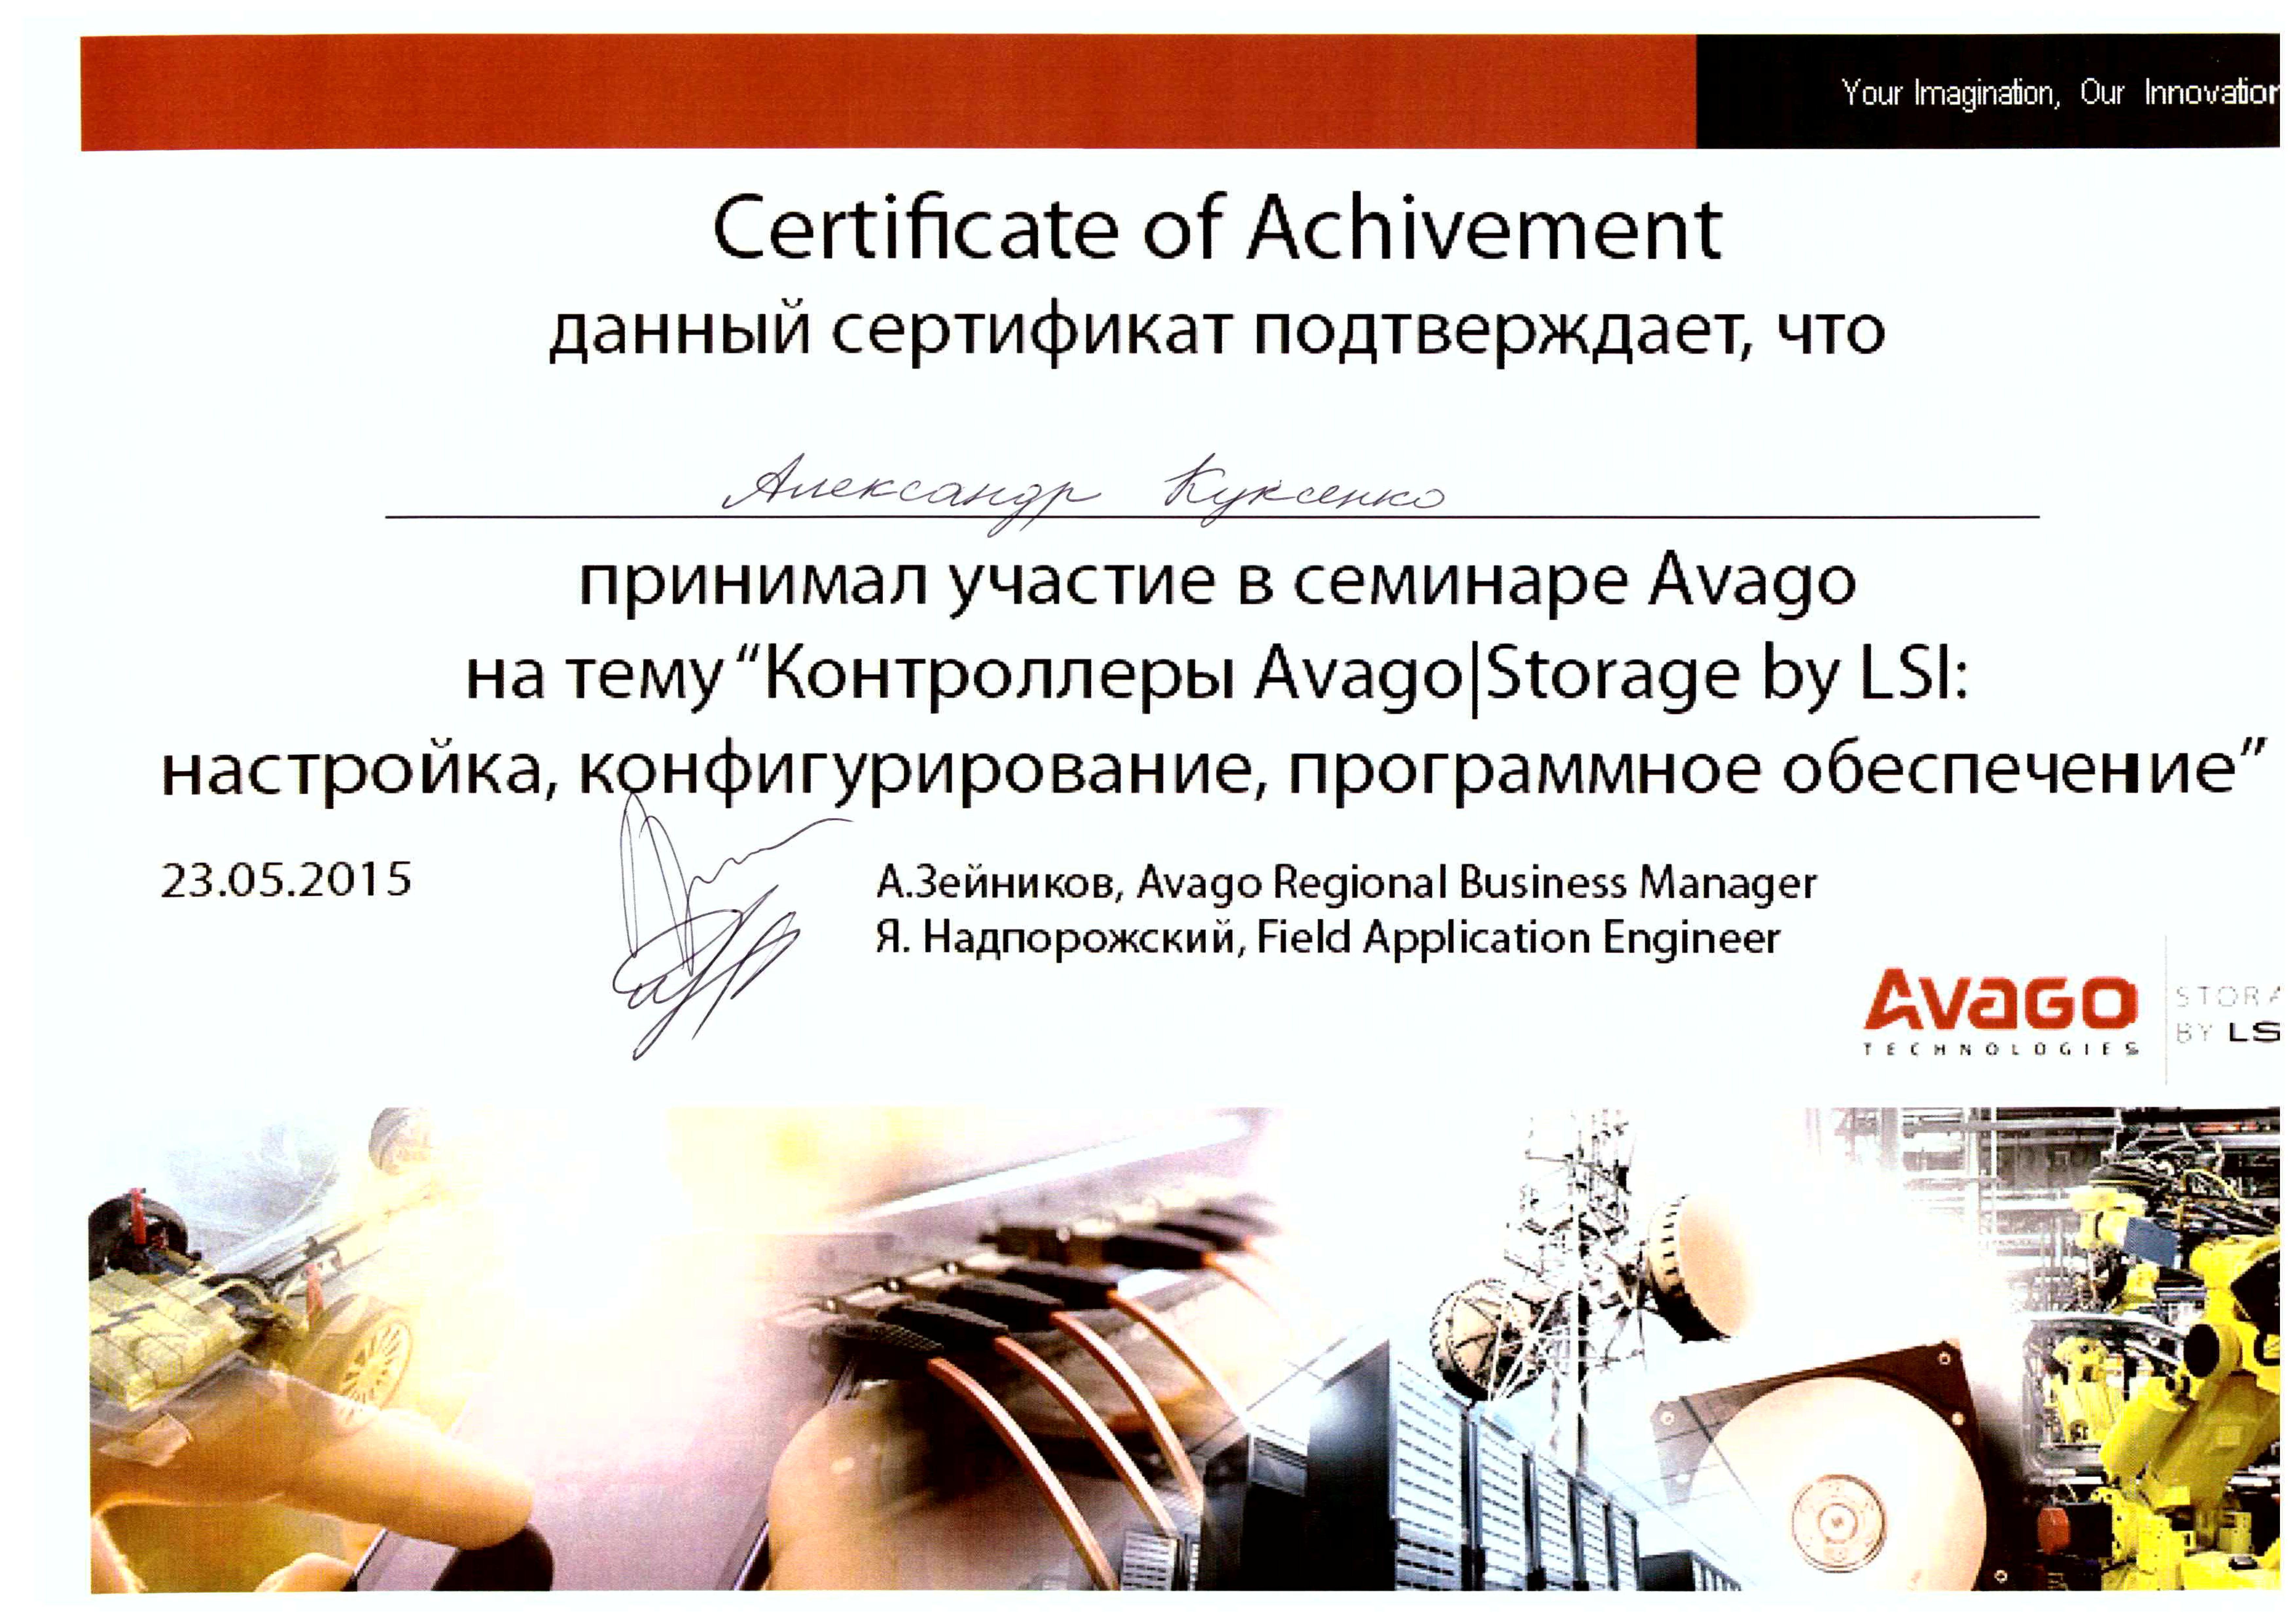 Сертификат Avago-Куксенко Александр